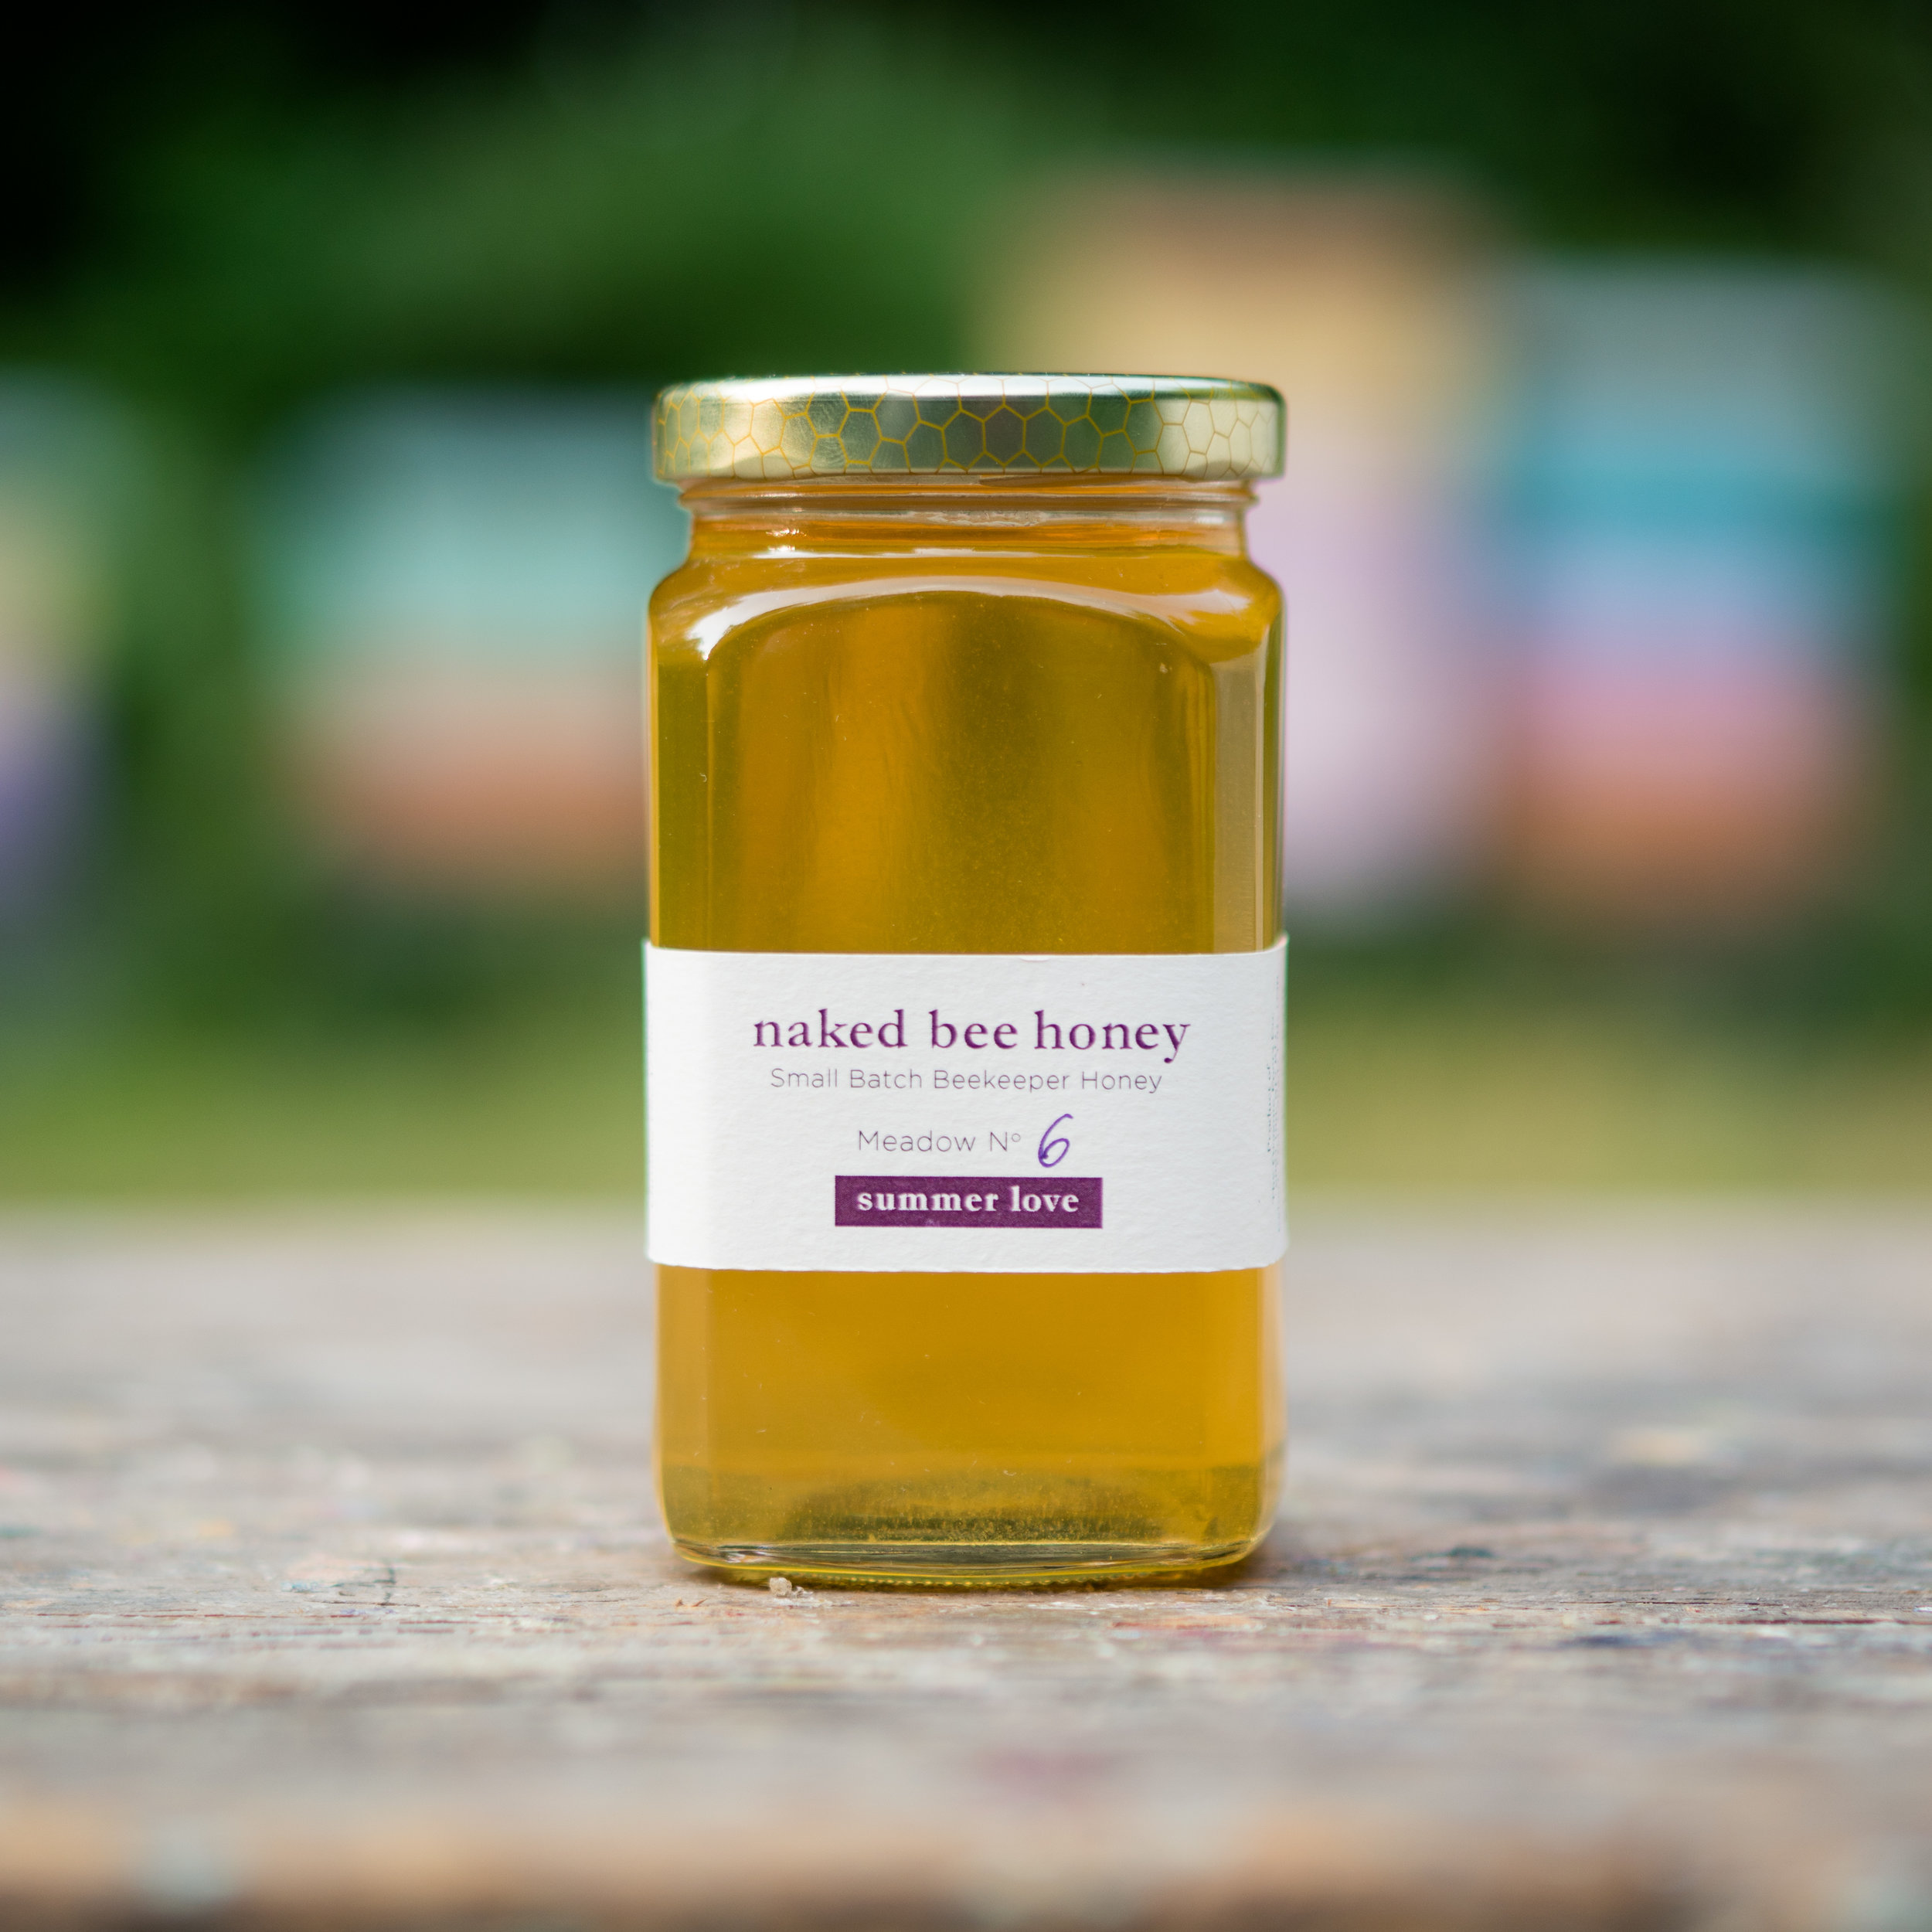 Naked Bee Honey2